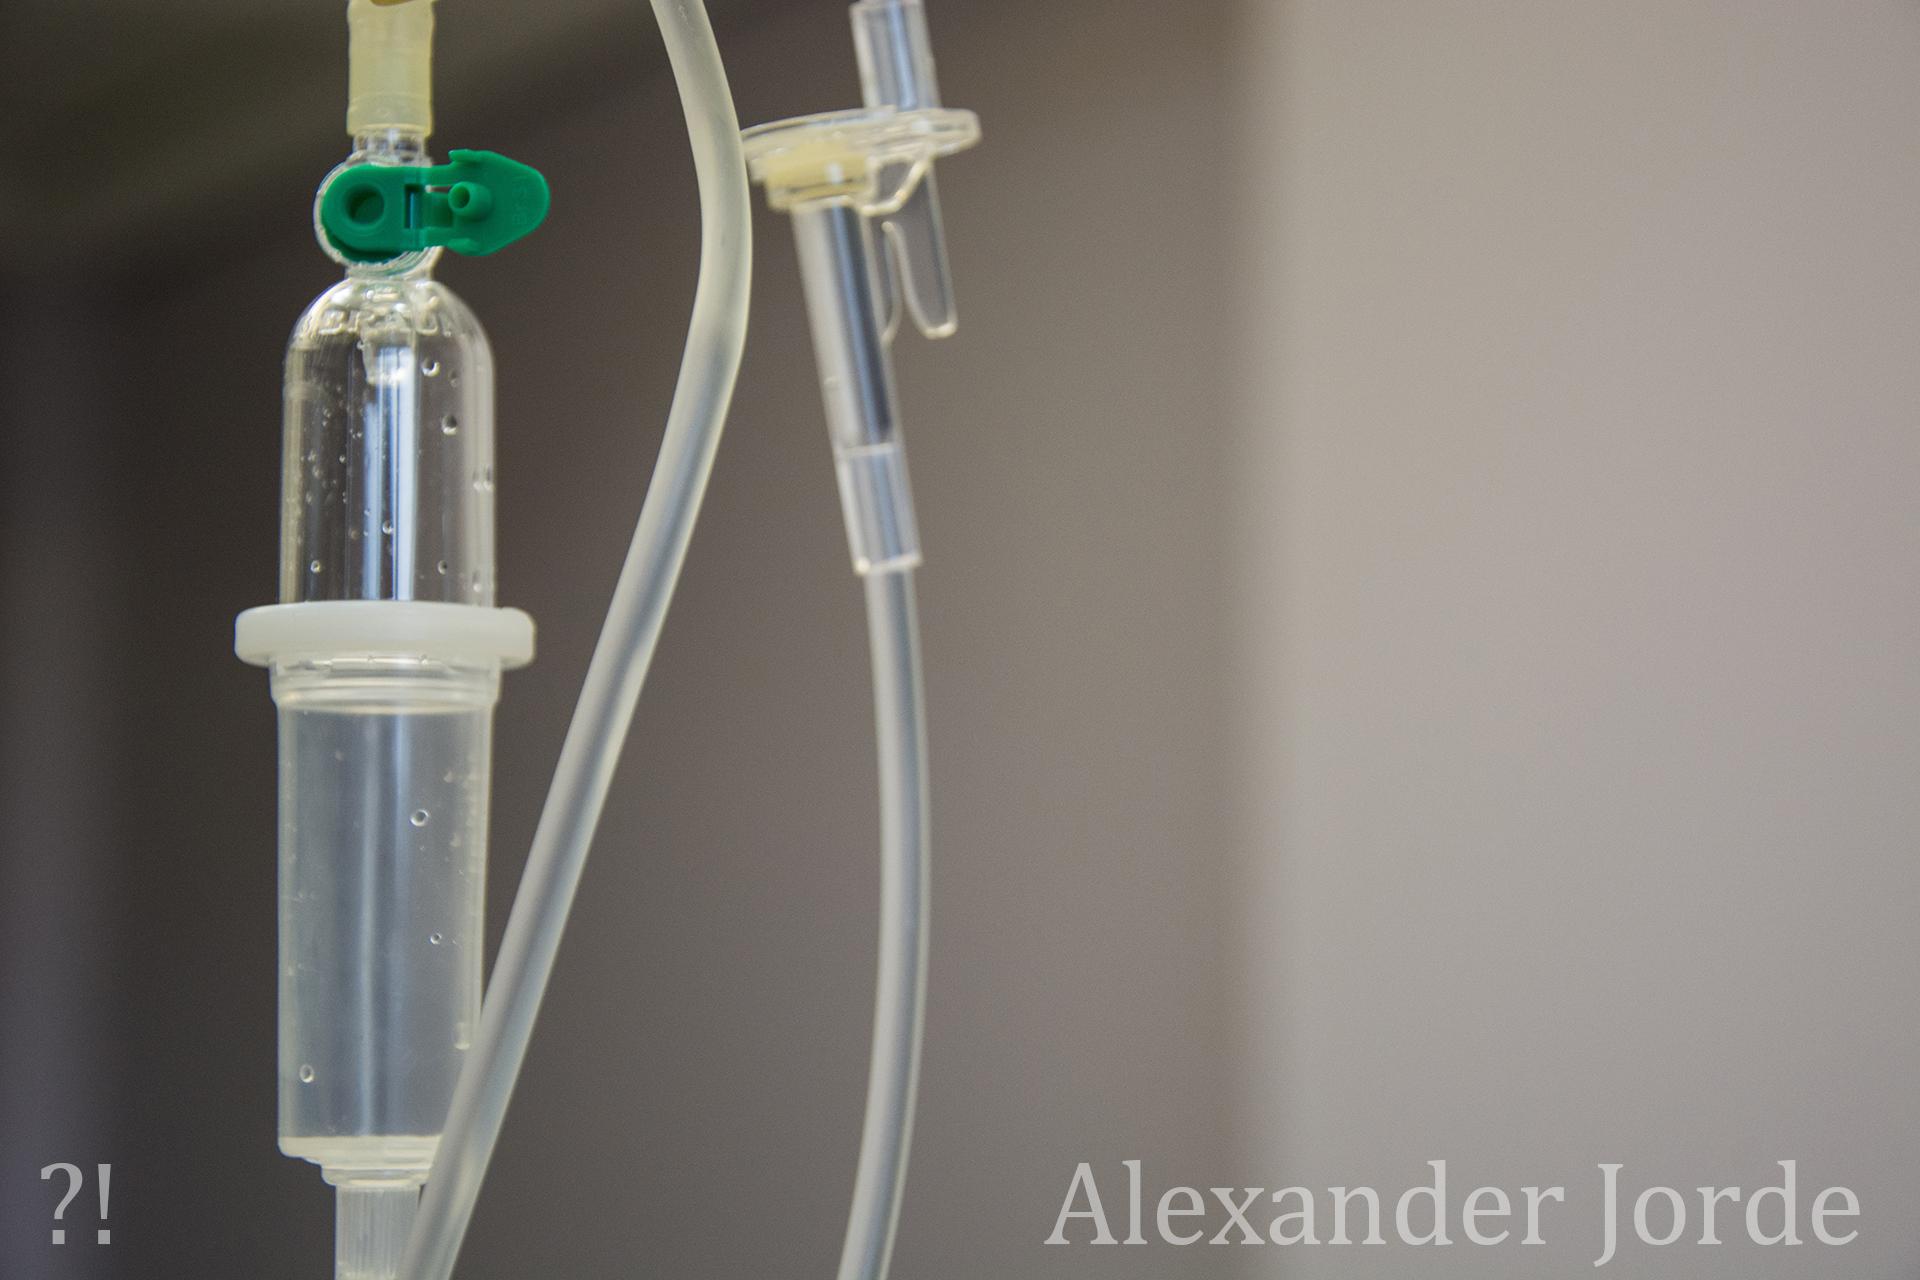 Intensivpfleger Alexander Jorde spricht über seine Arbeit und Corona